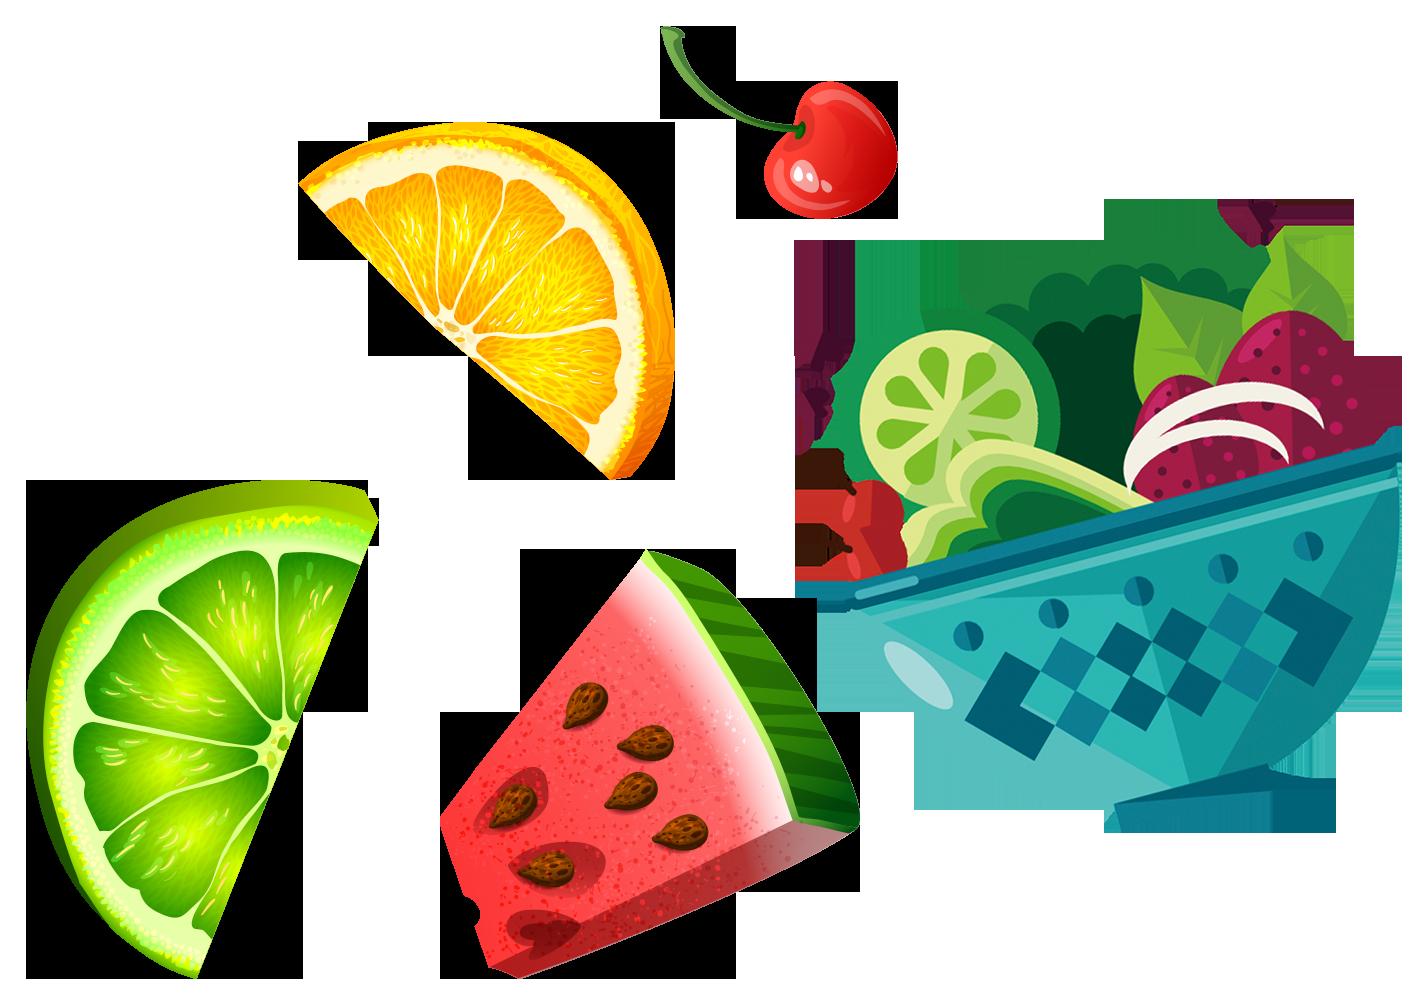 Sticks salad cartoon fruits. Watermelon clipart green fruit vegetable